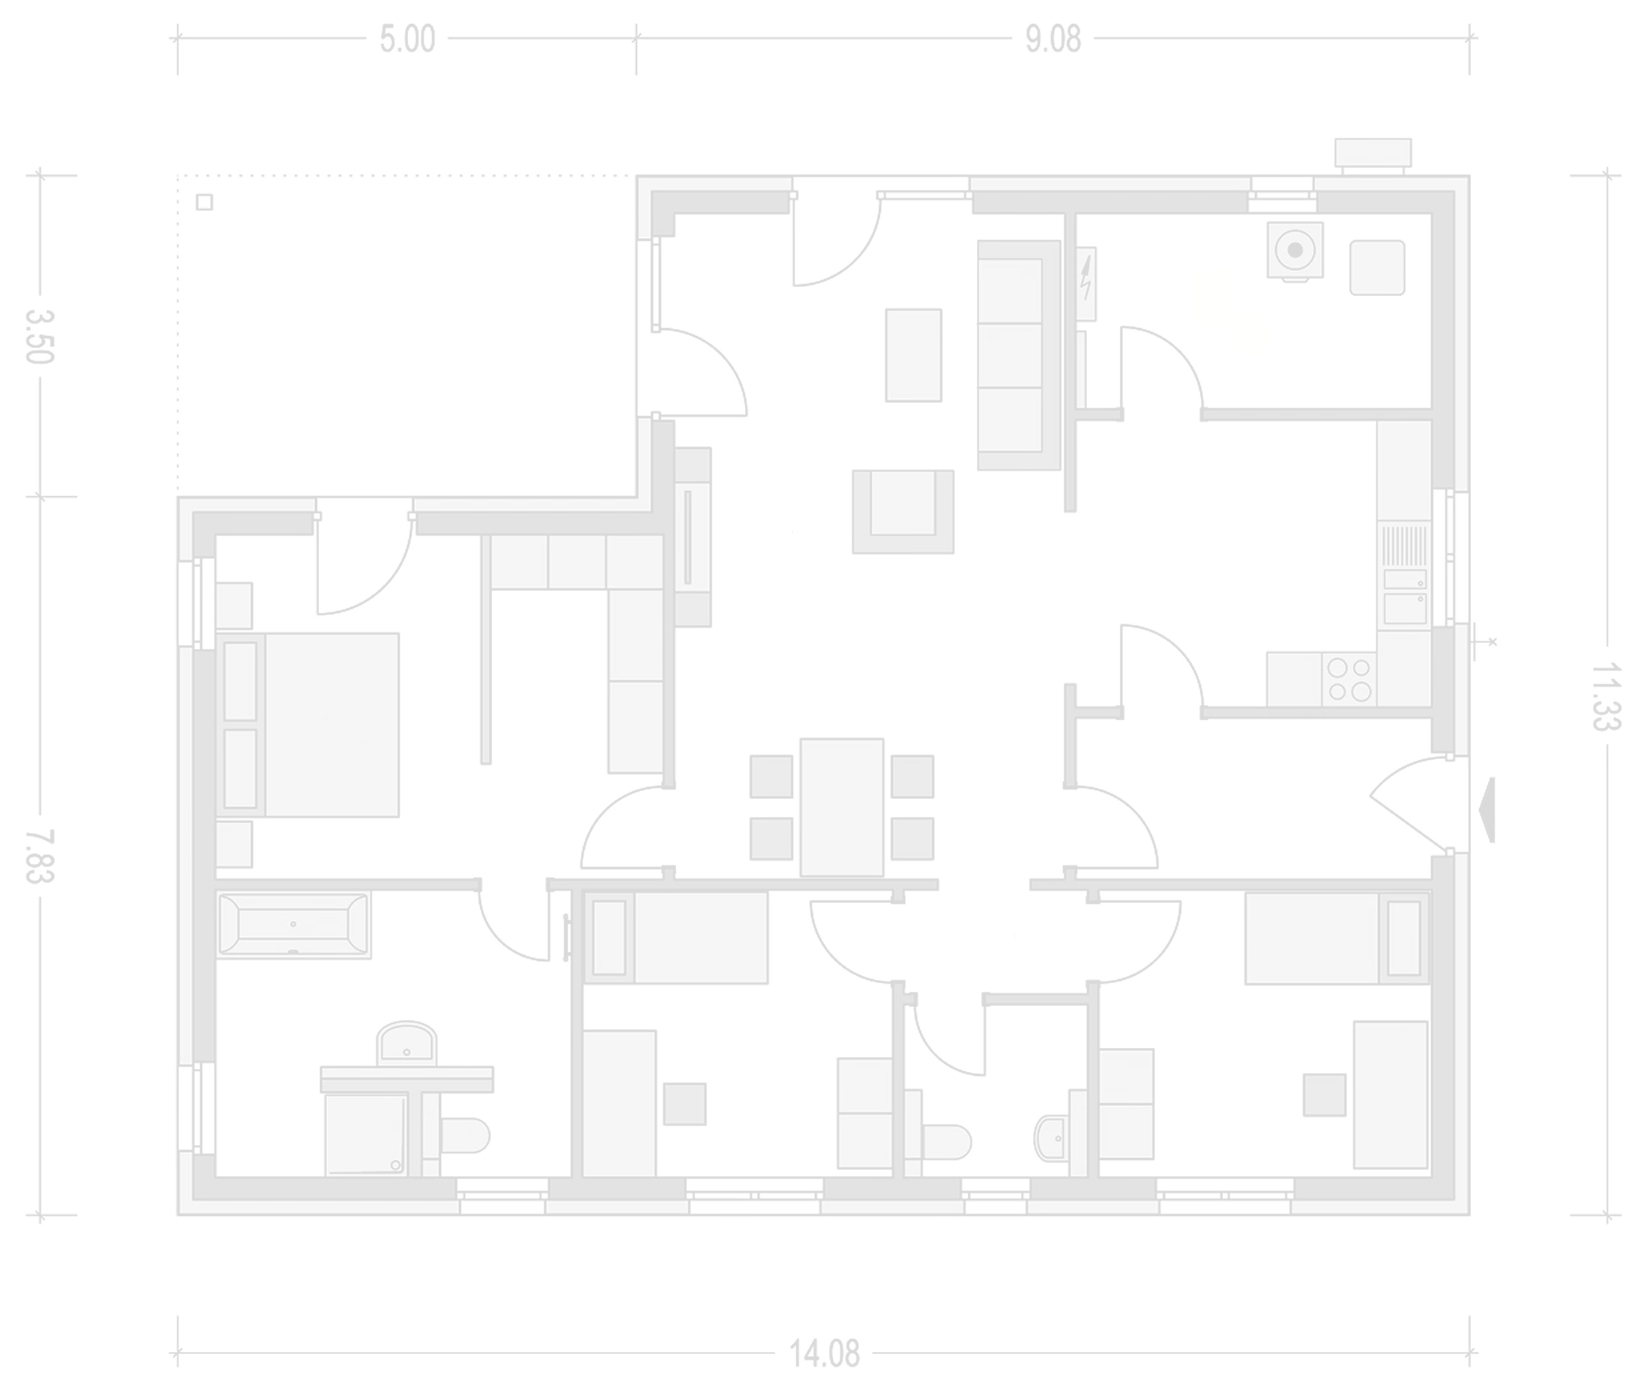 Planimetria della costruzione Tetto in Legno modello Edificio Industriale legno lamellare certificato FSC - PEFC di BCL Bergamasca Costruzioni Legno